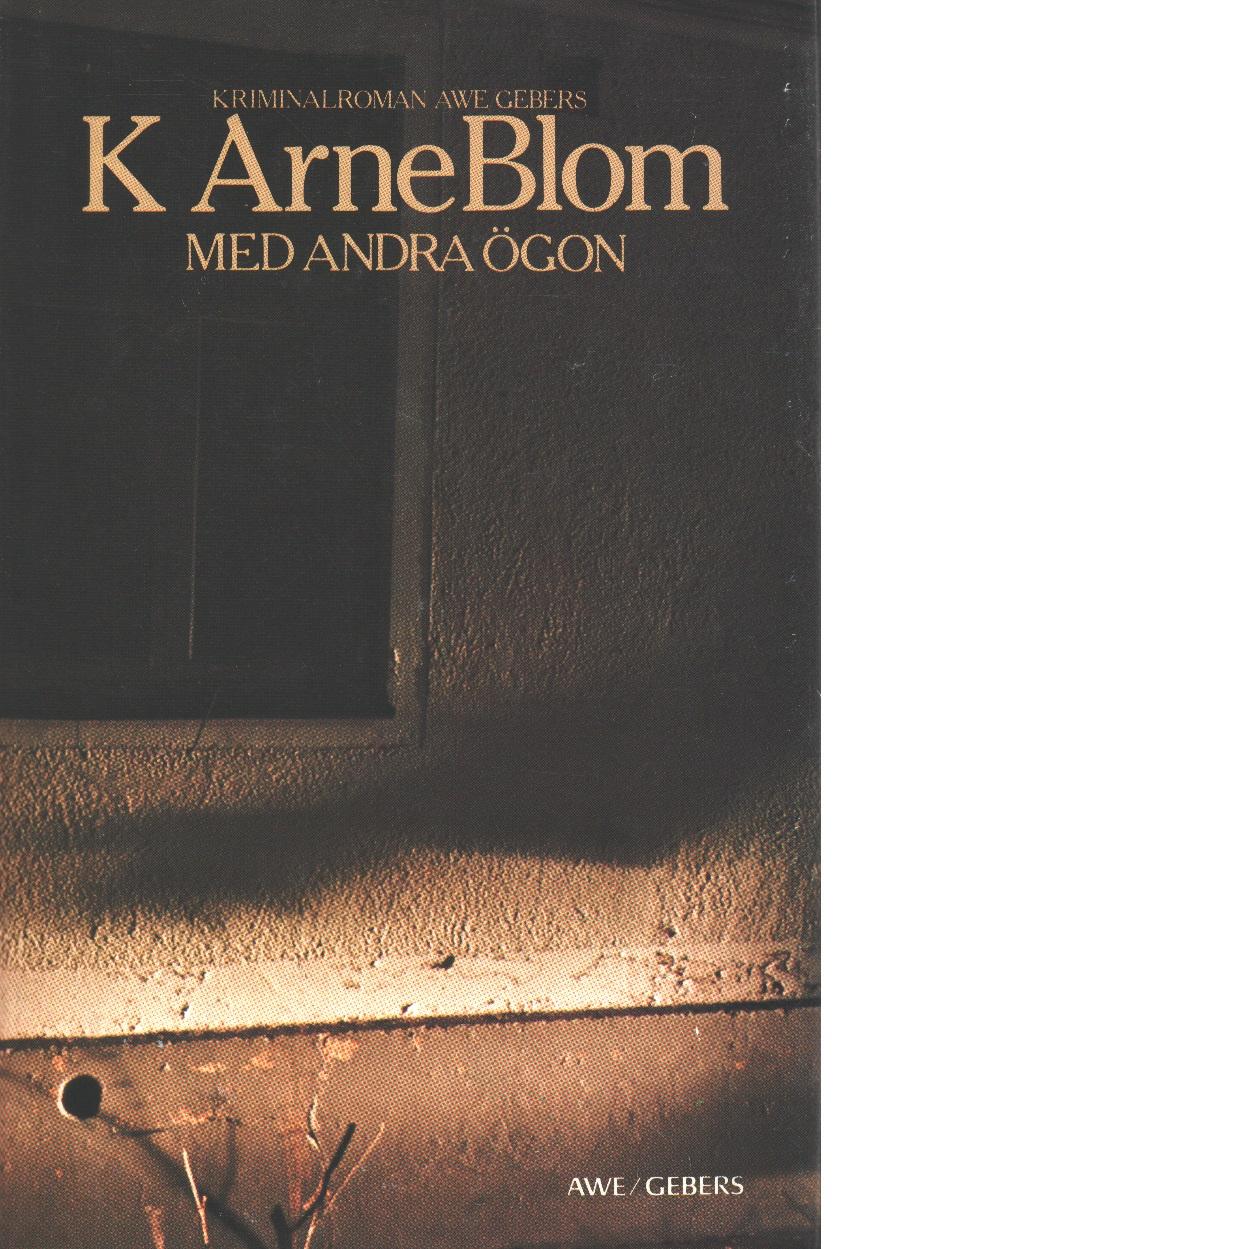 Med andra ögon - Blom, K. Arne